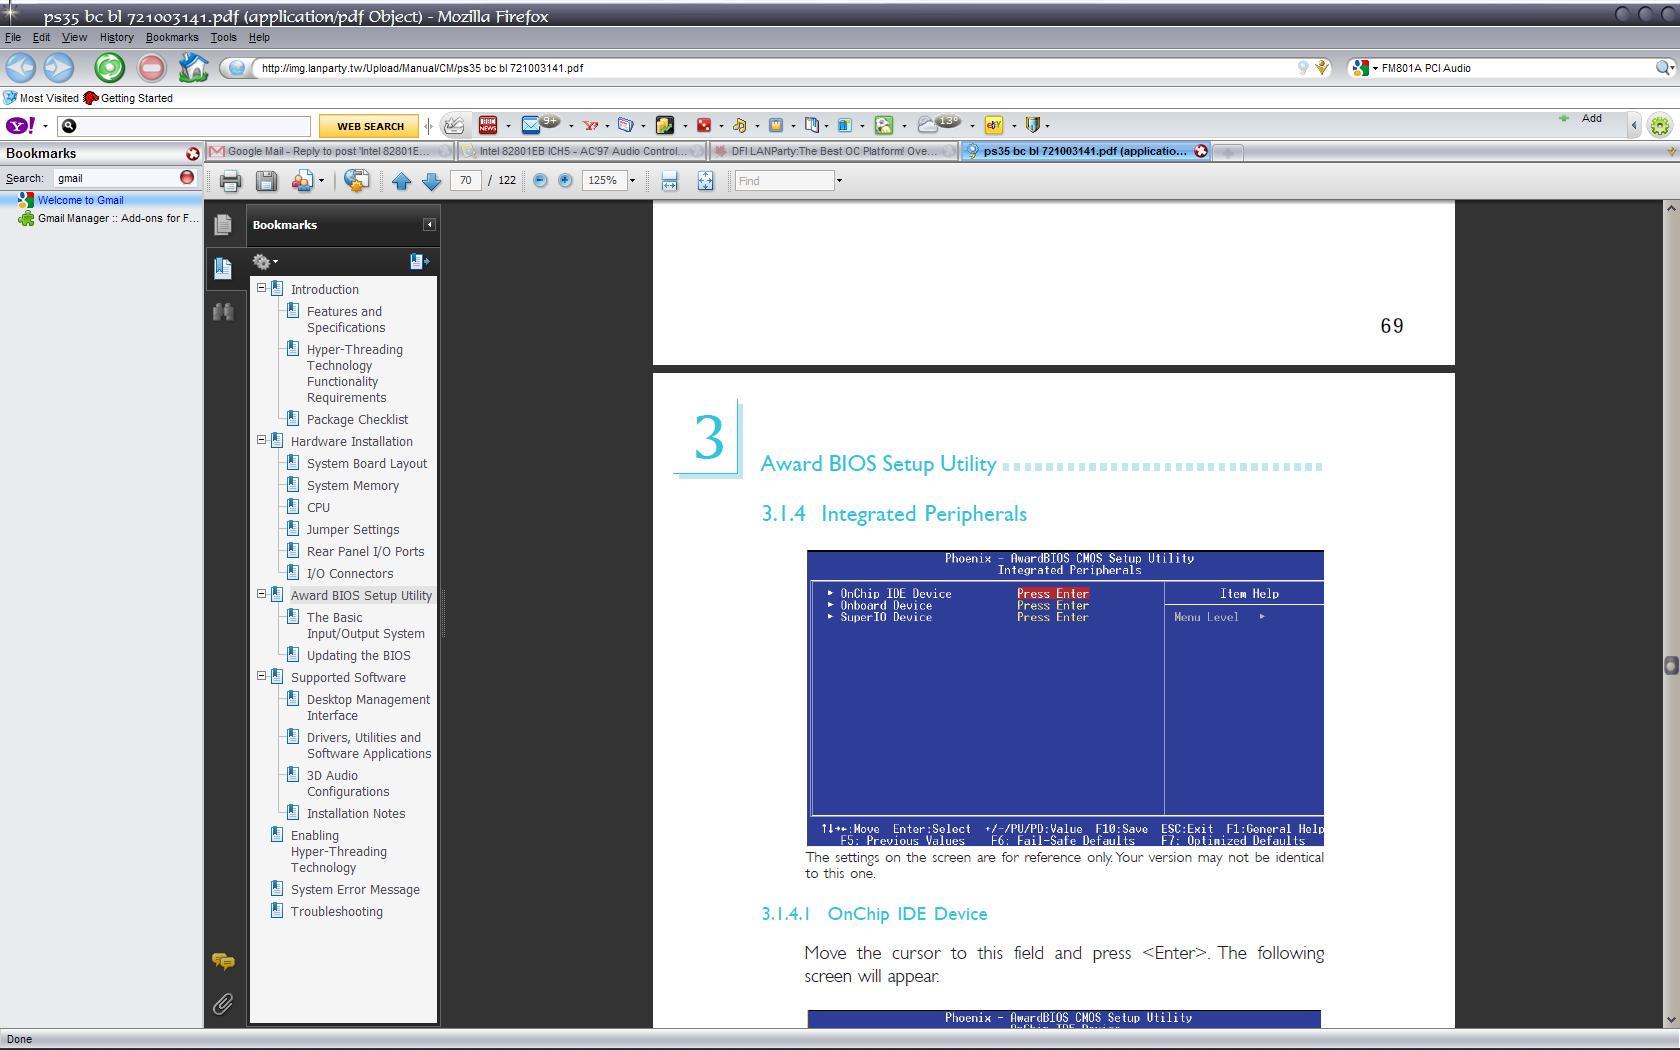 скачать драйвер для звуковой карты realtek alc660-vd